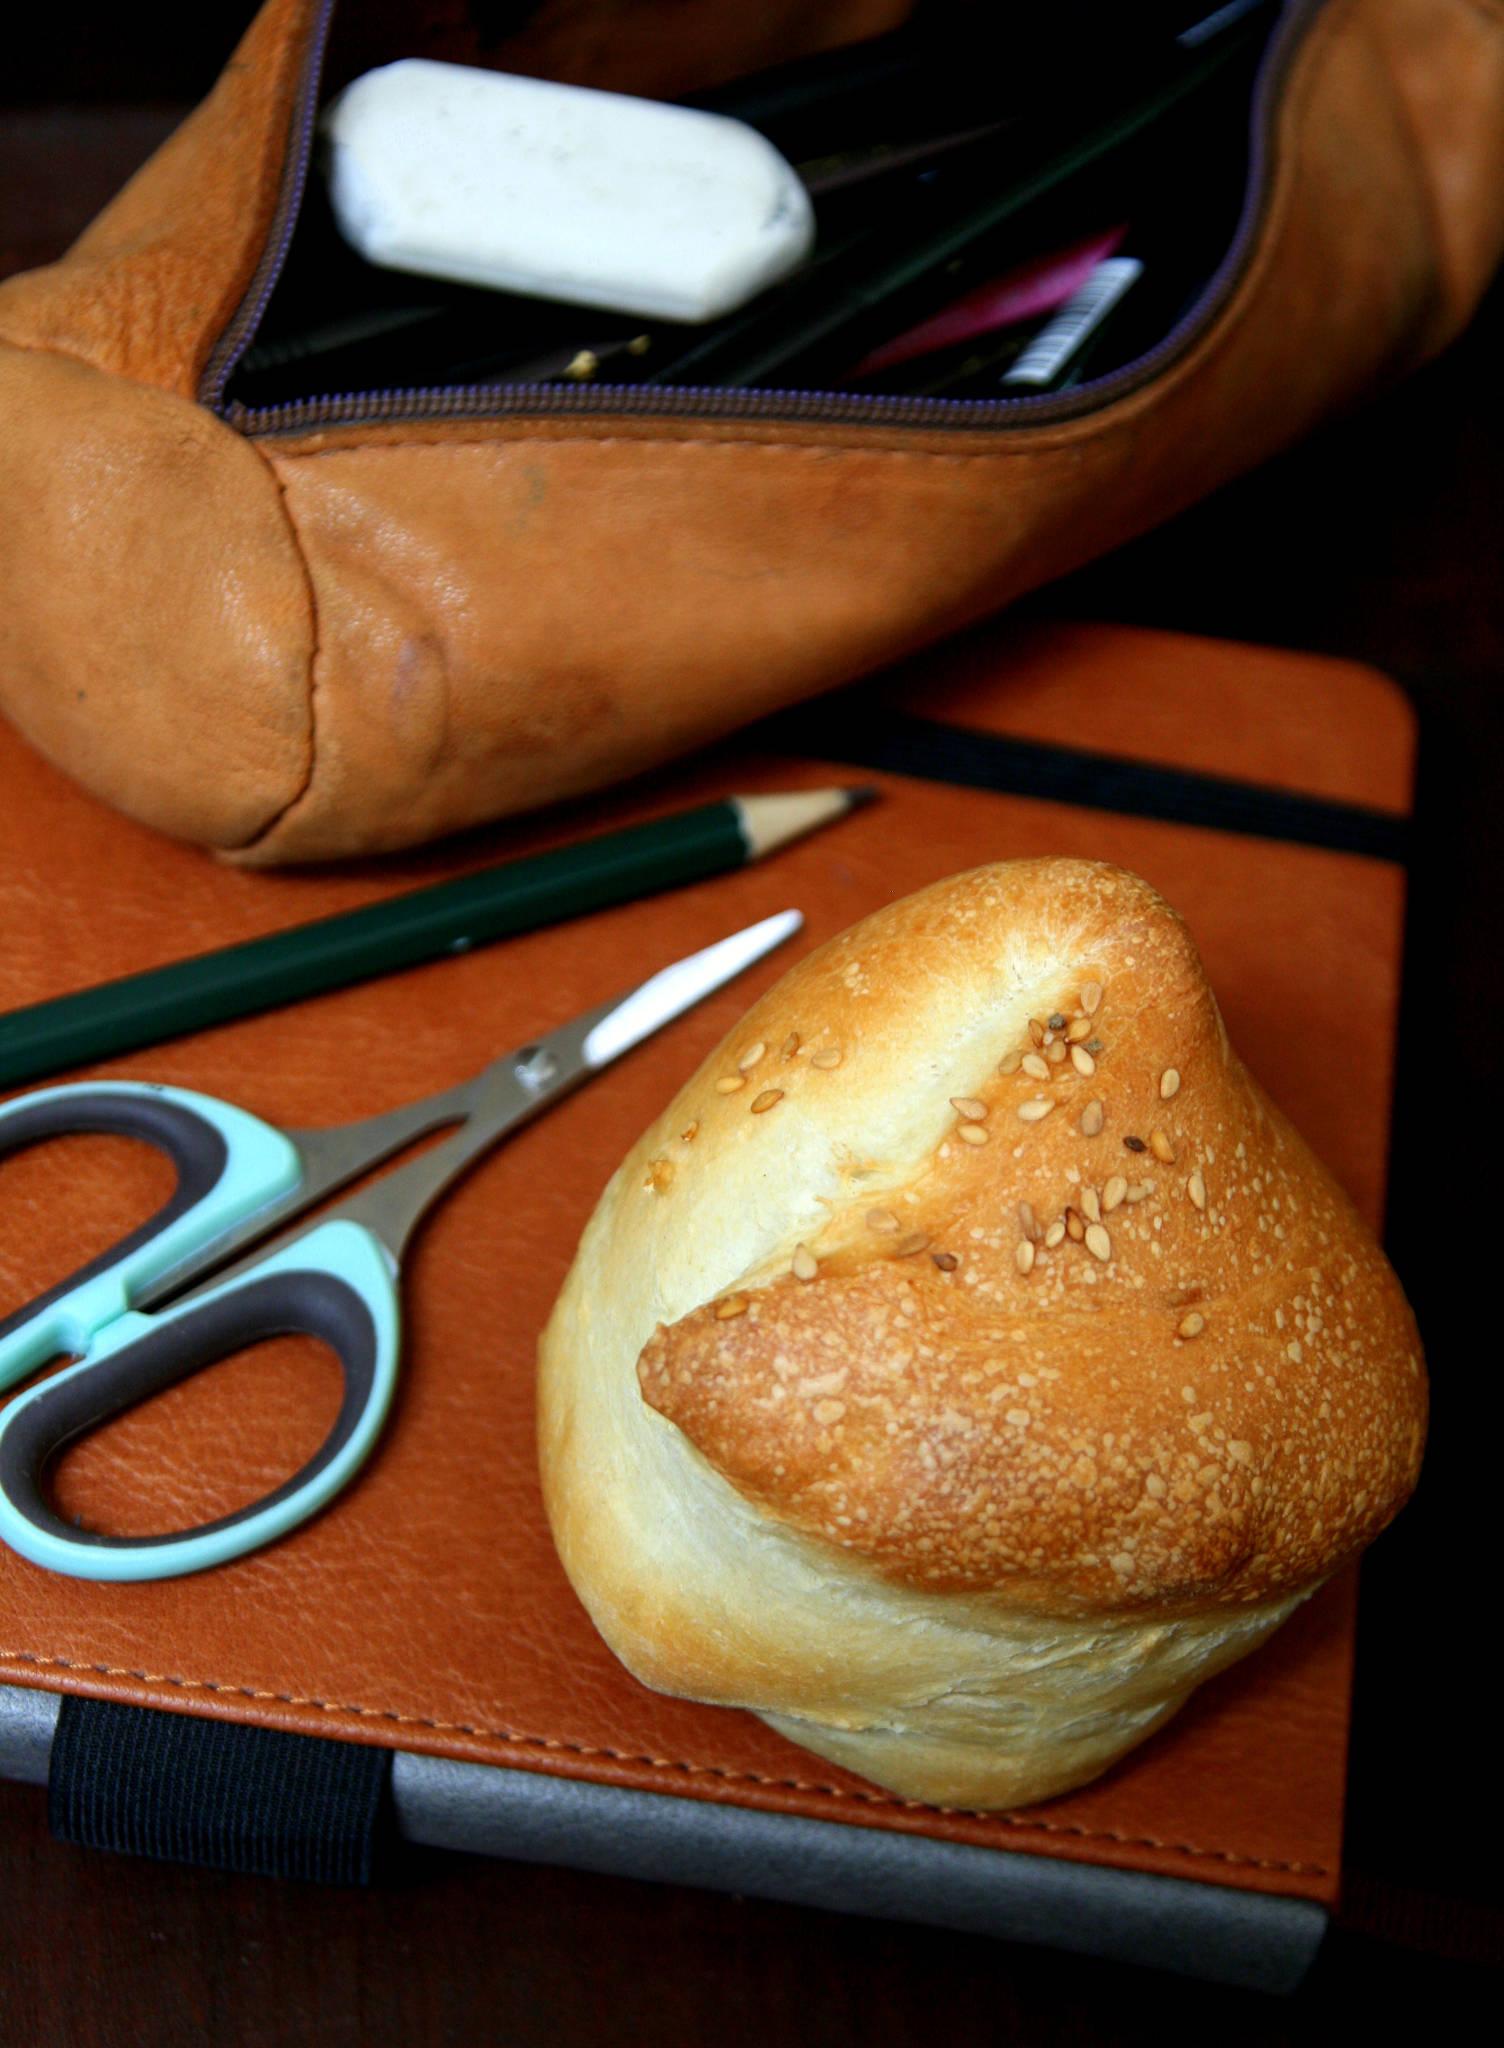 Petits pains au lait roulés